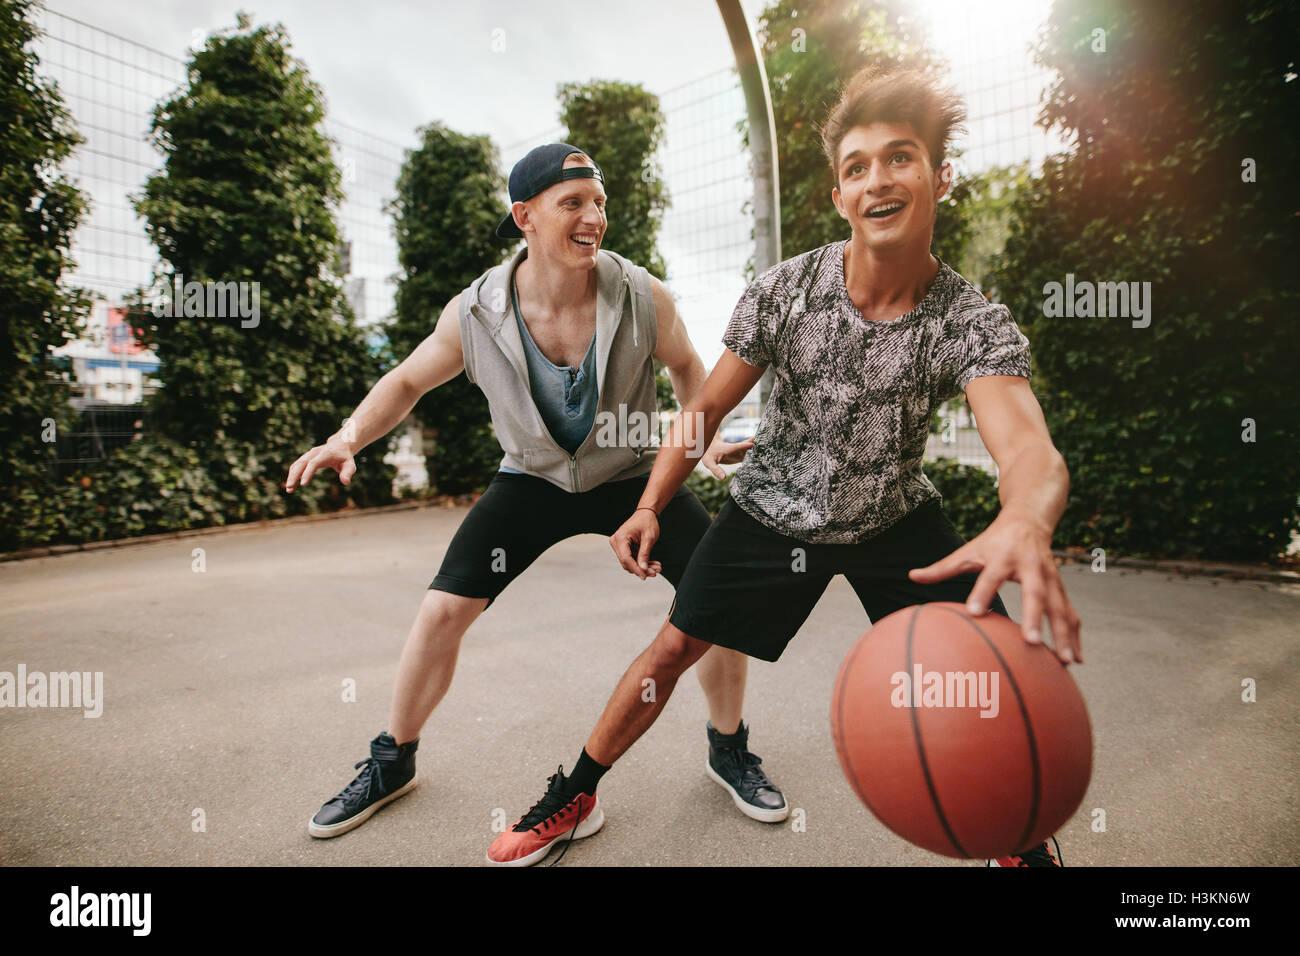 Dos jóvenes amigos jugando y divirtiéndose. Streetball jugadores tienen un juego de básquetbol en Imagen De Stock